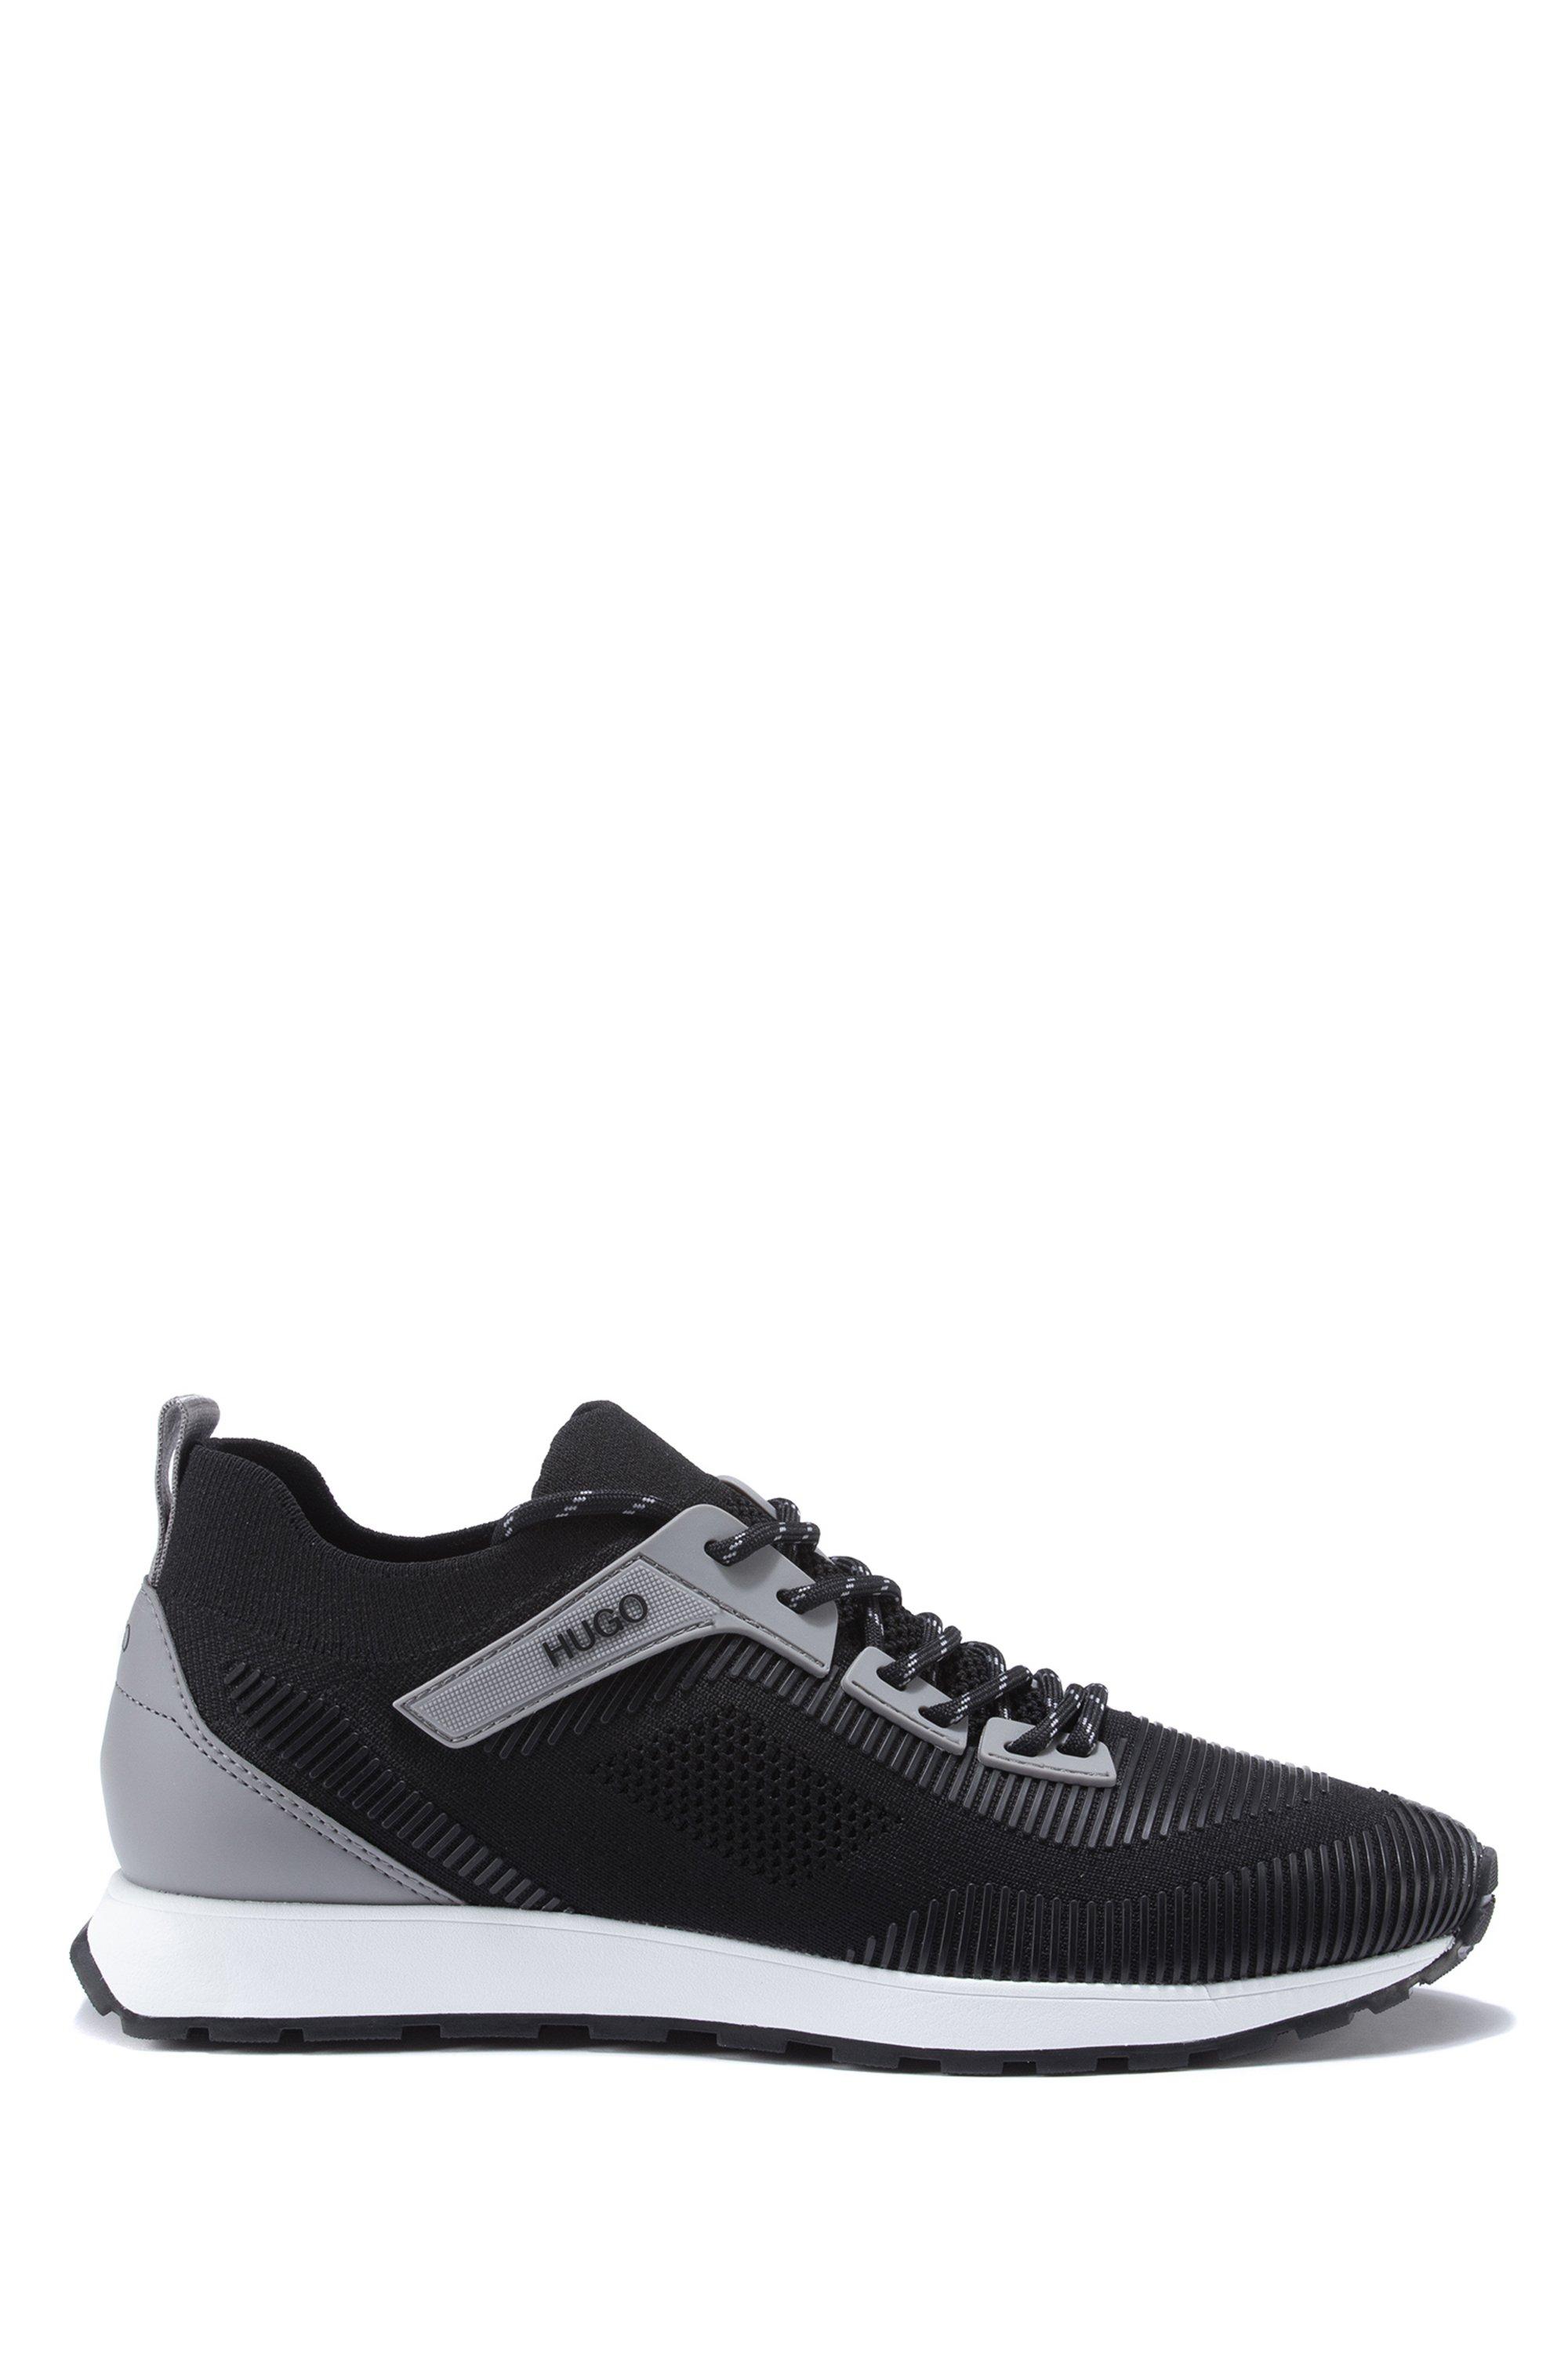 Soksneakers met veters en zool van EVA-rubber, Zwart